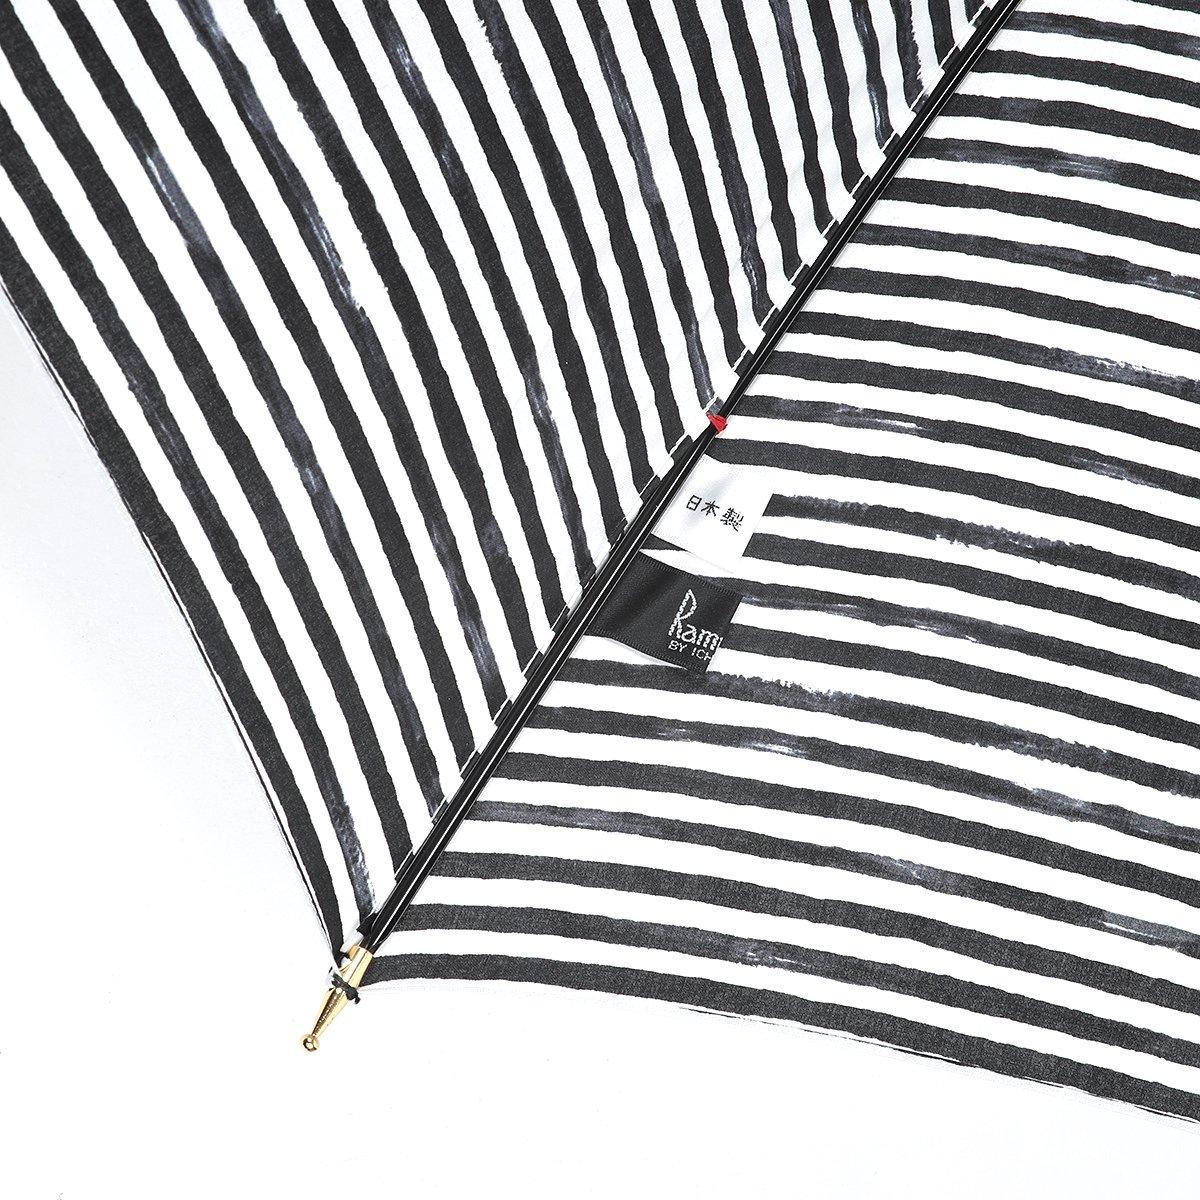 【晴雨兼用傘】レディース 手書き風 ボーダー柄 長傘 詳細画像7